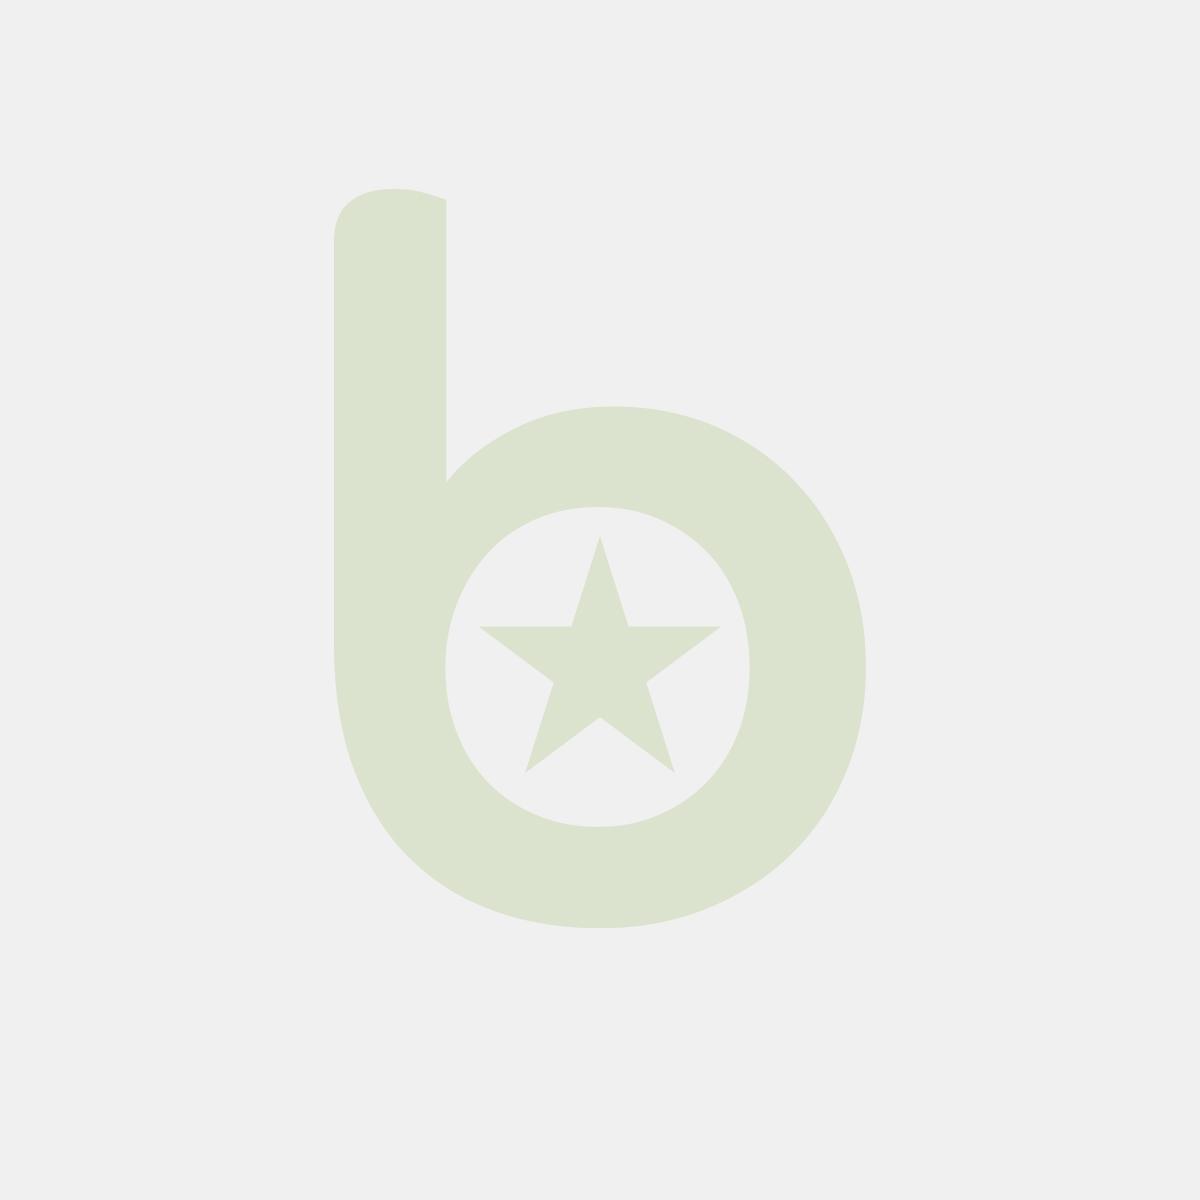 Talerz z trzciny cukrowej okrągły biały ozdobny rant, śr.27xh.,8cm, op. 50 sztuk